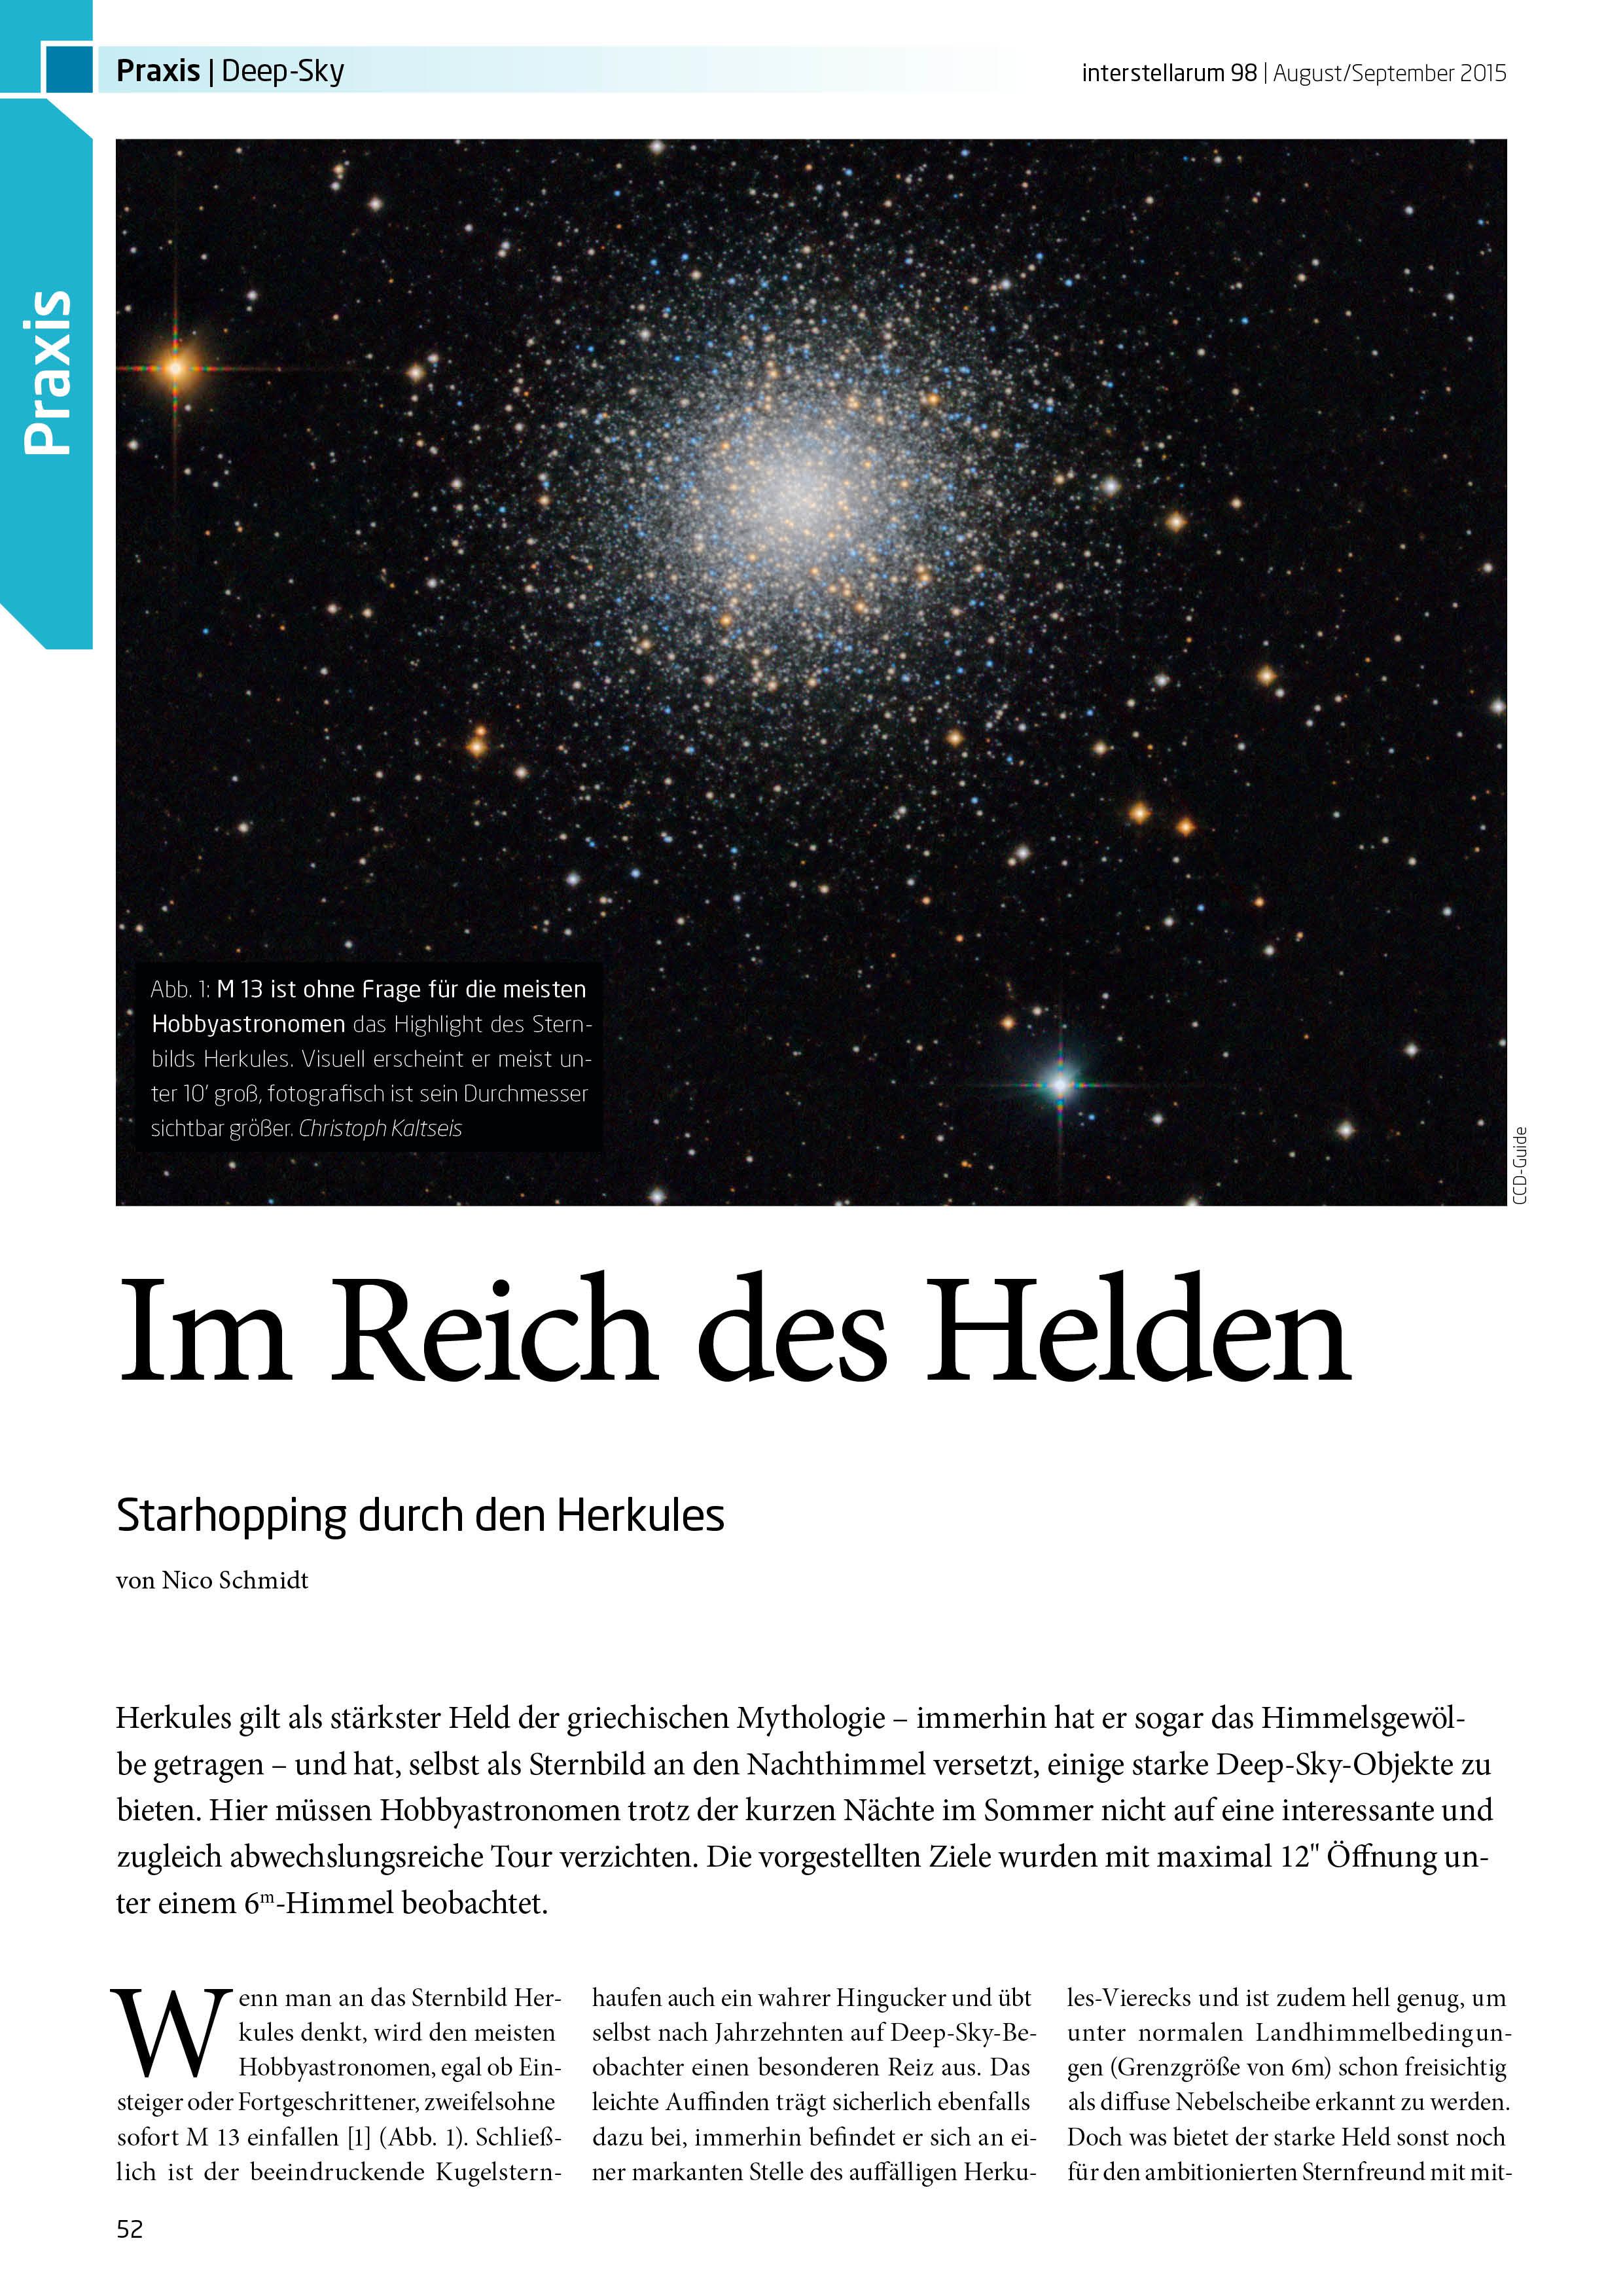 04_interstellarum_98_Praxis.jpg